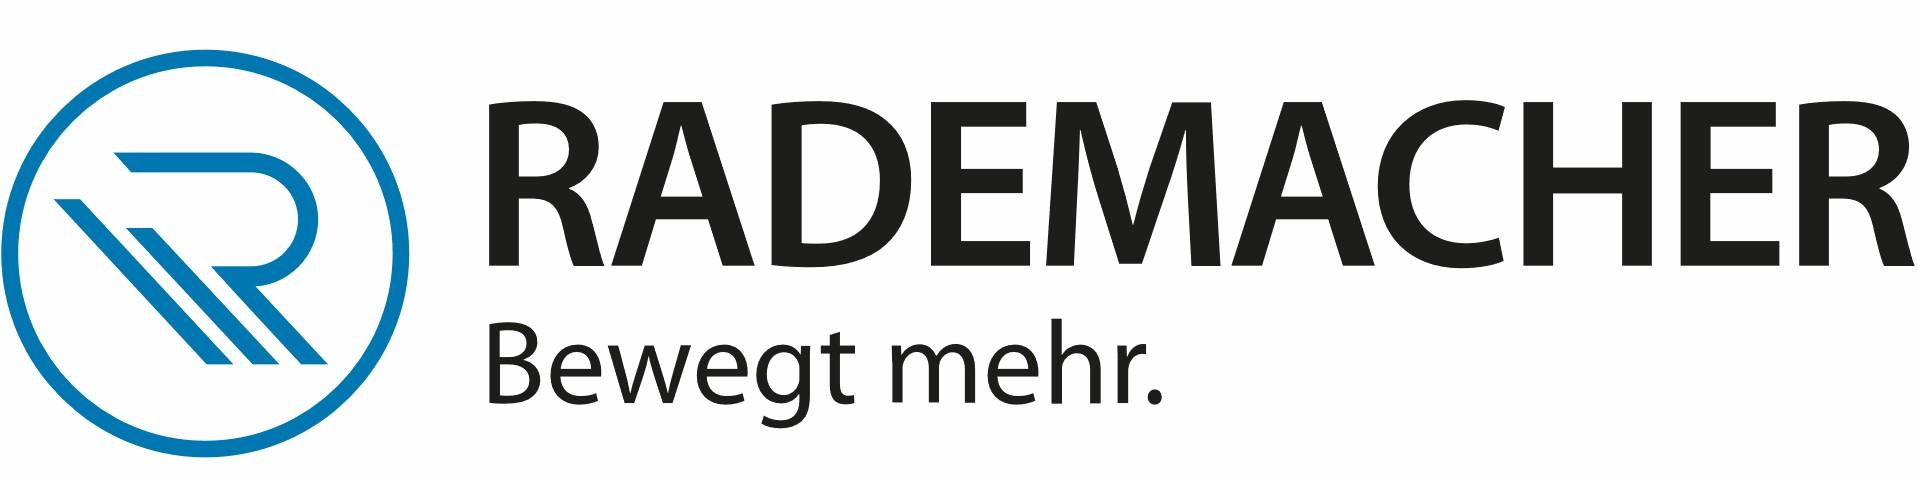 Logo Rademacher , iv-krause.de